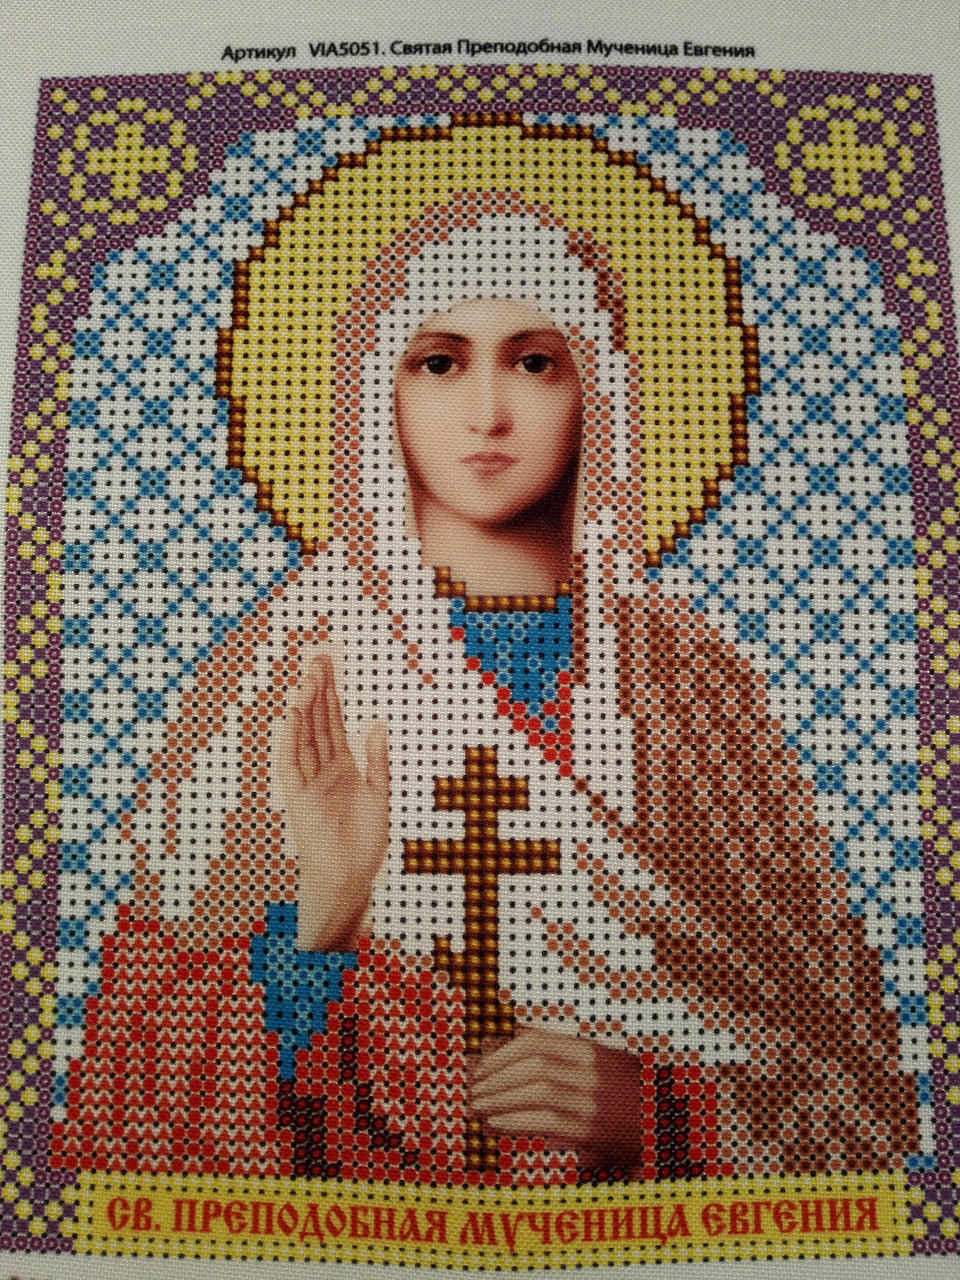 Набор для вышивки бисером икона Святая Преподобная Мученица Евгения VIA 5051